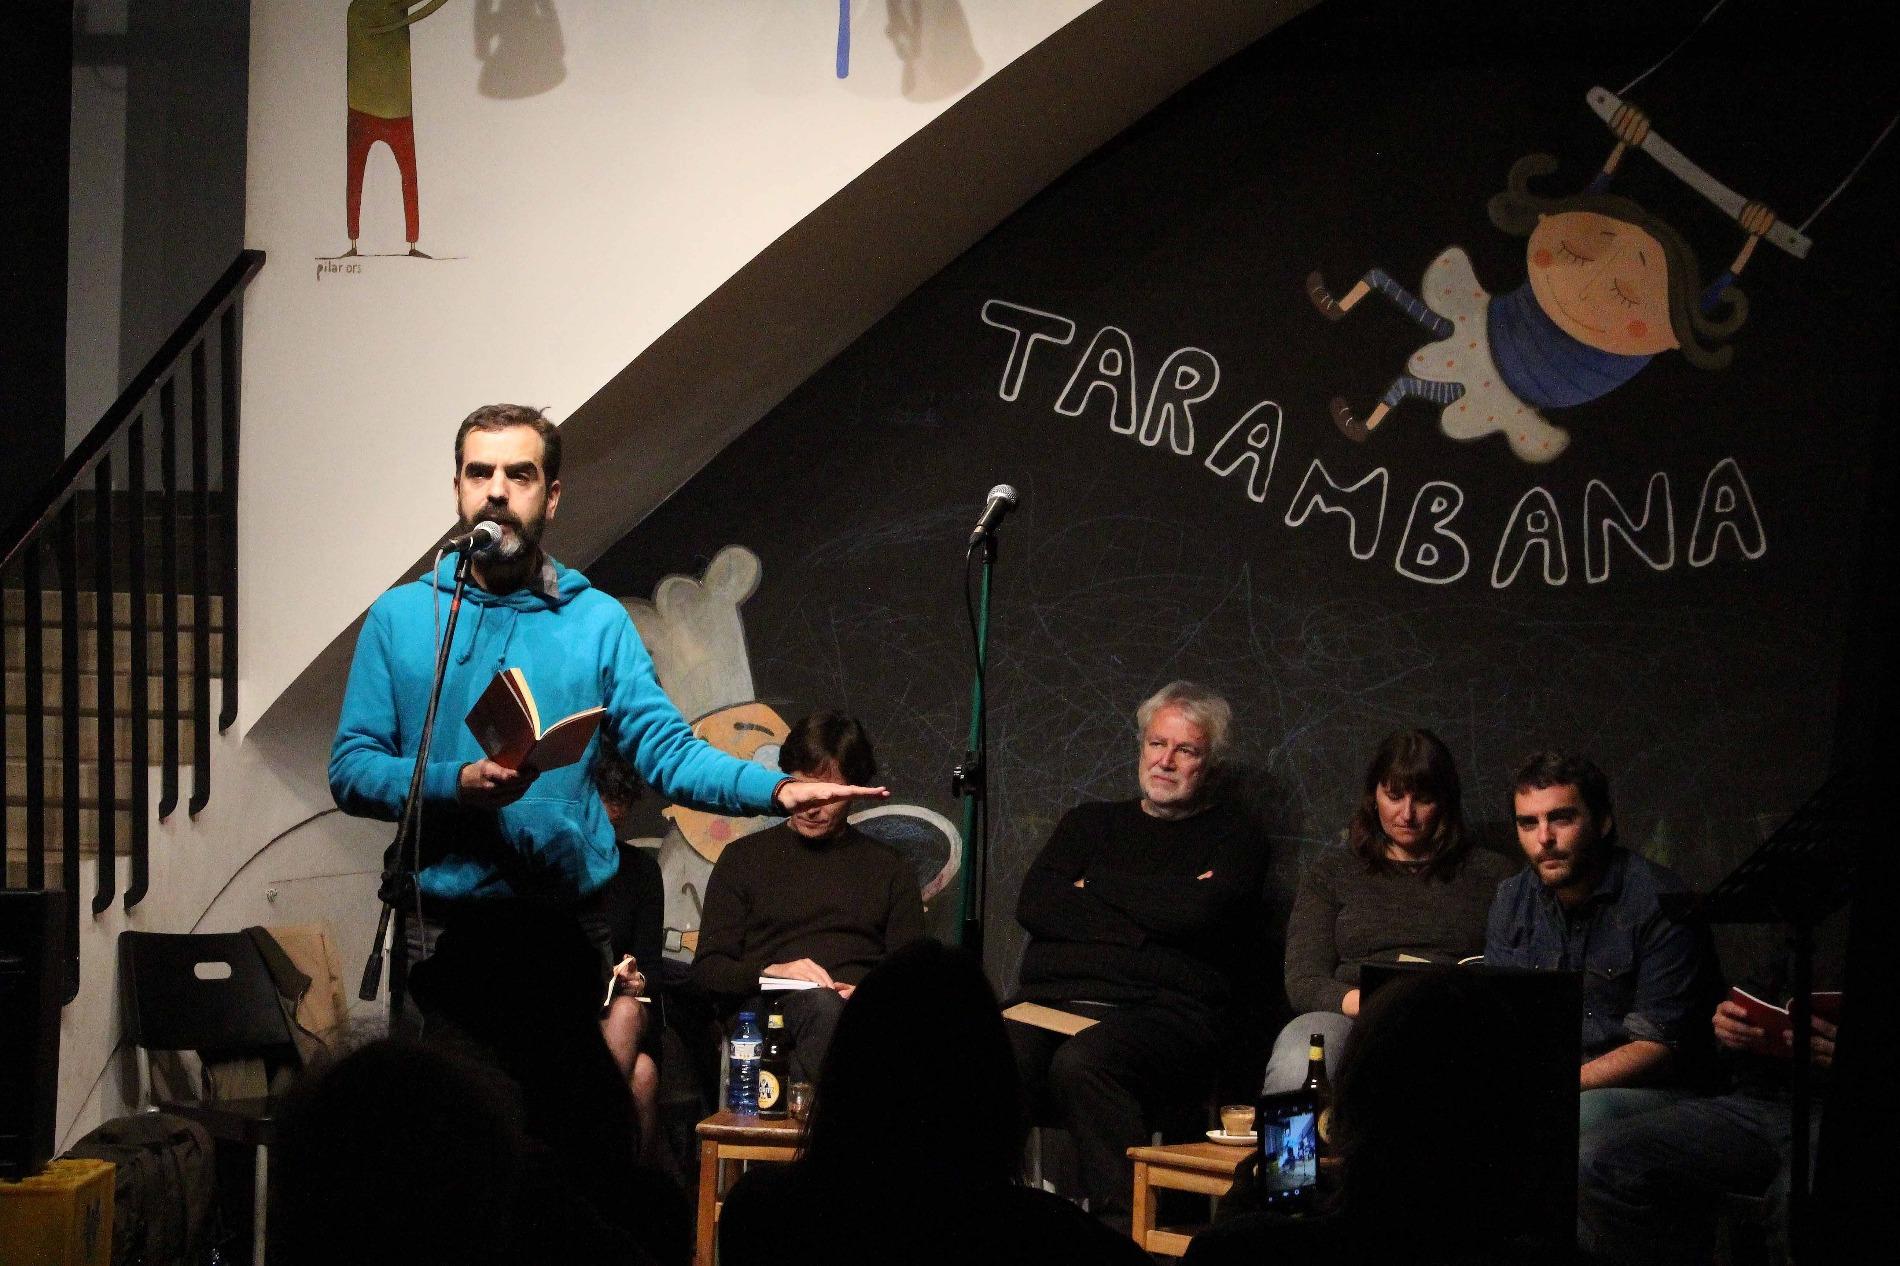 Aquest any es tornarà a repetir el recital final al Tarambana